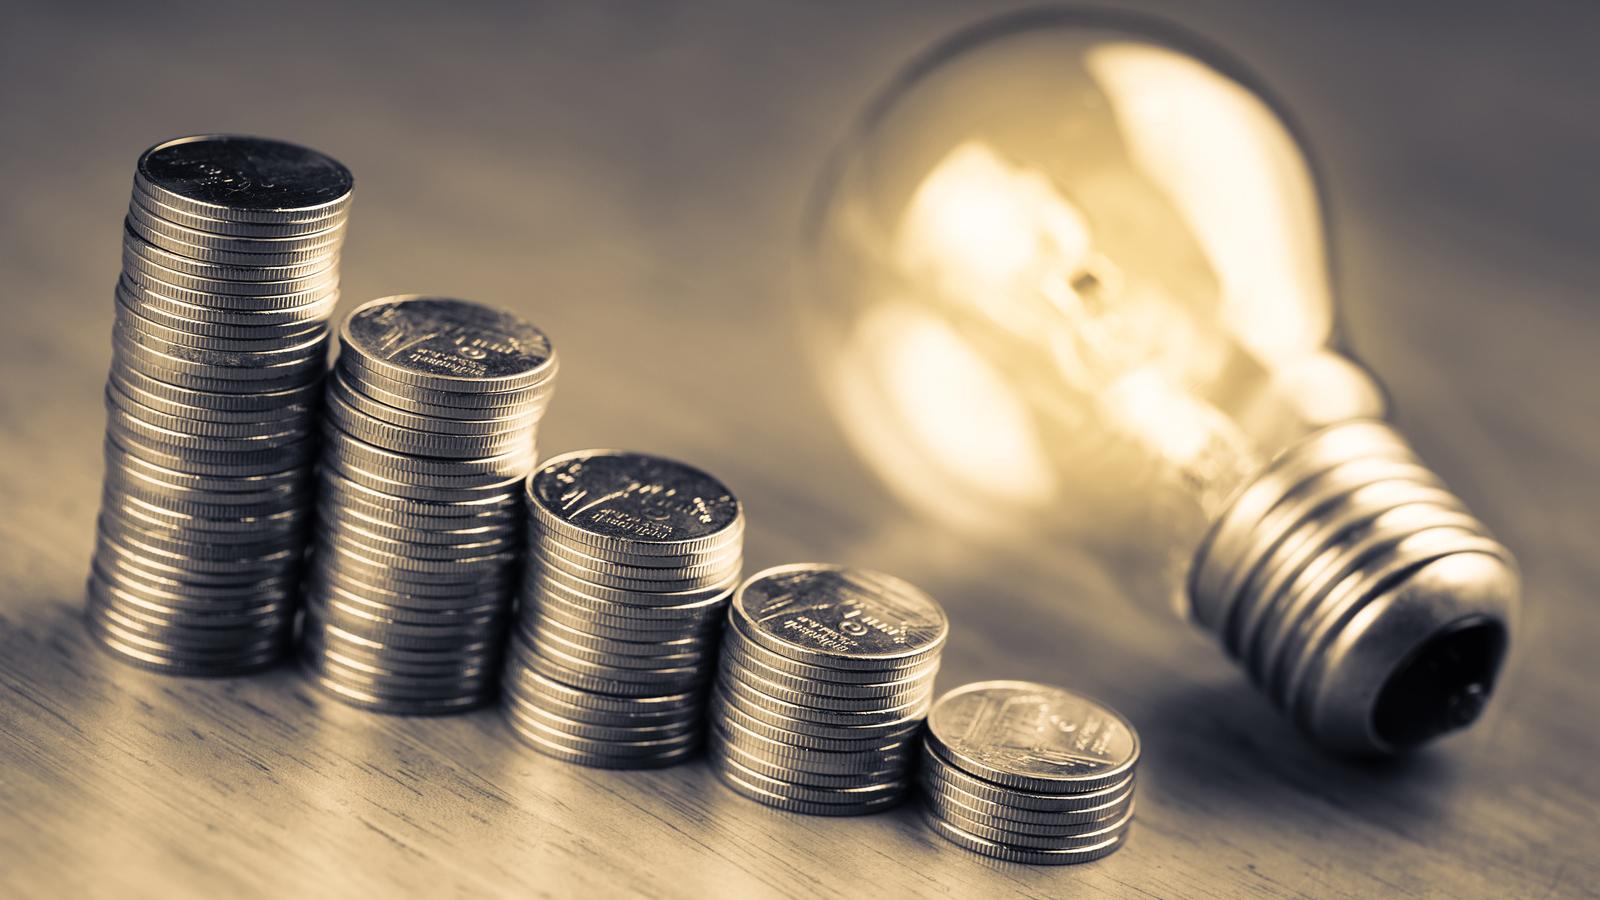 Empreses DeL'Associació D'Empresaris I Propietaris Dels Polígons Industrials De Rosanes(AEPIR)aconsegueixenuna Rebaixa Del30% En El Preu De La LlumambEnergestic